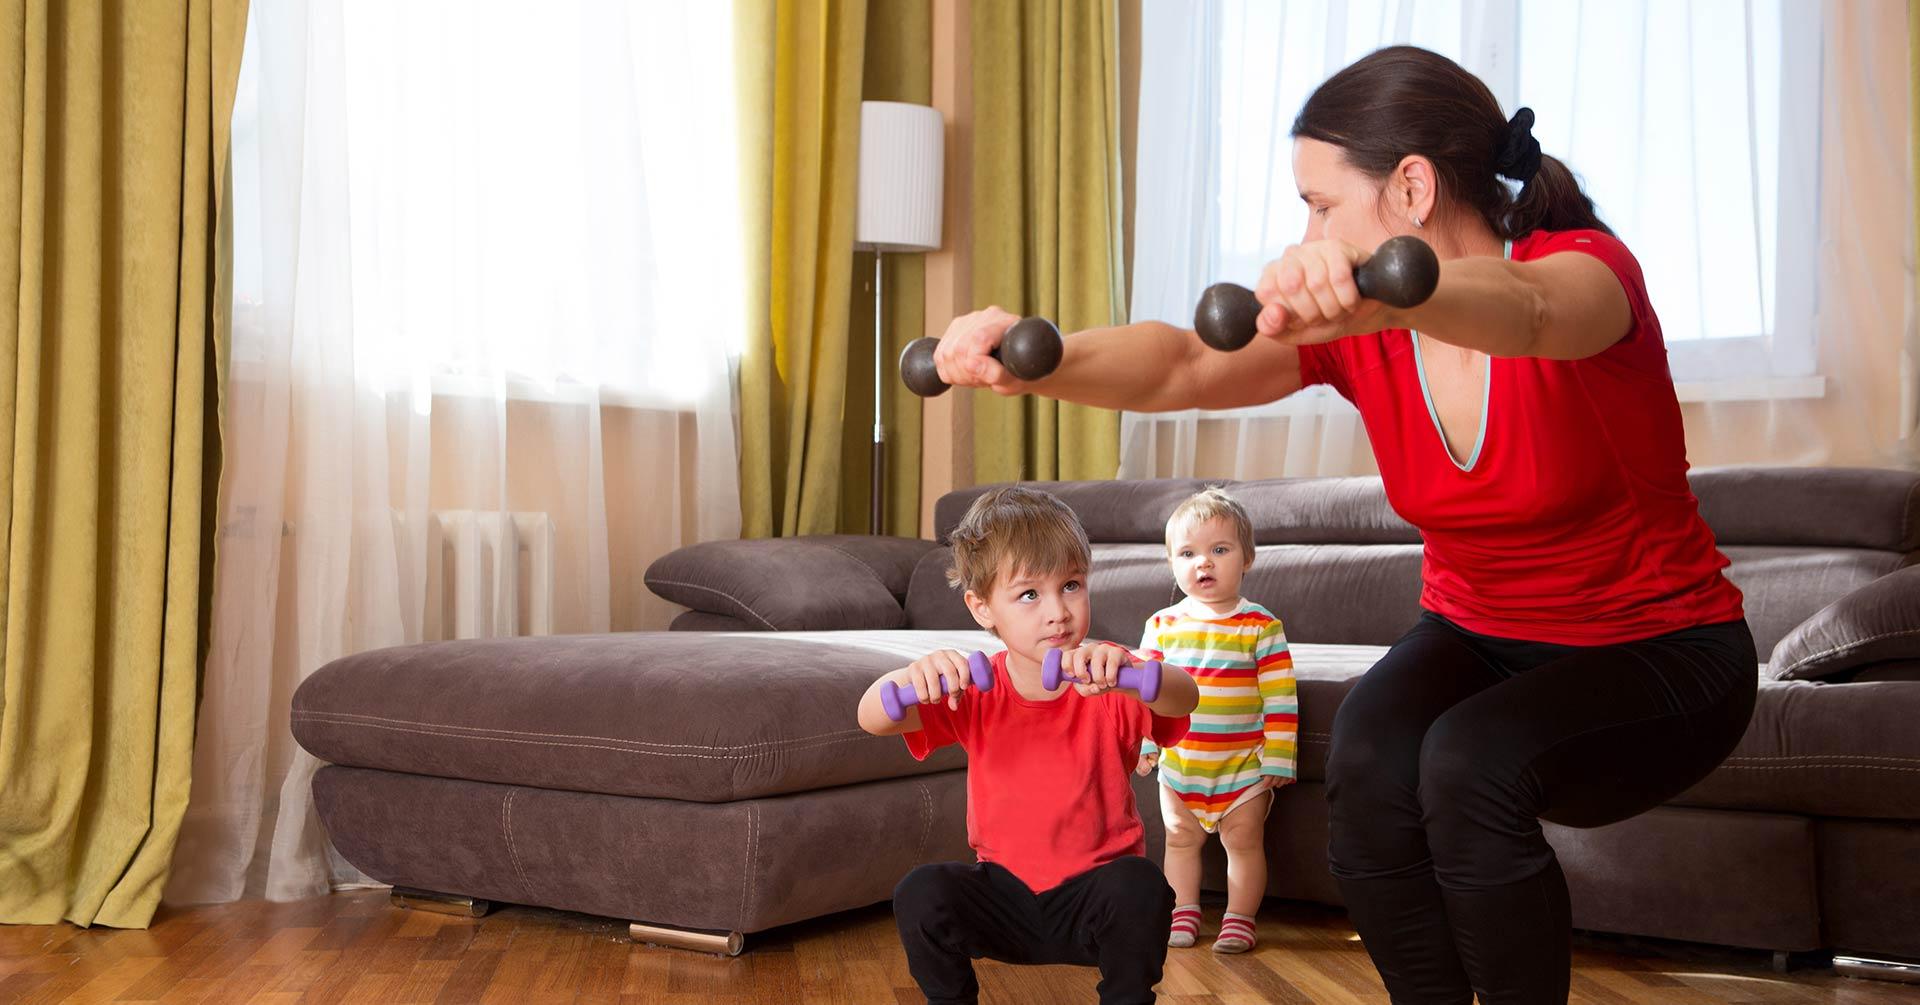 Cinco ejercicios para niños en casa, ¡son divertidos y muy fáciles!